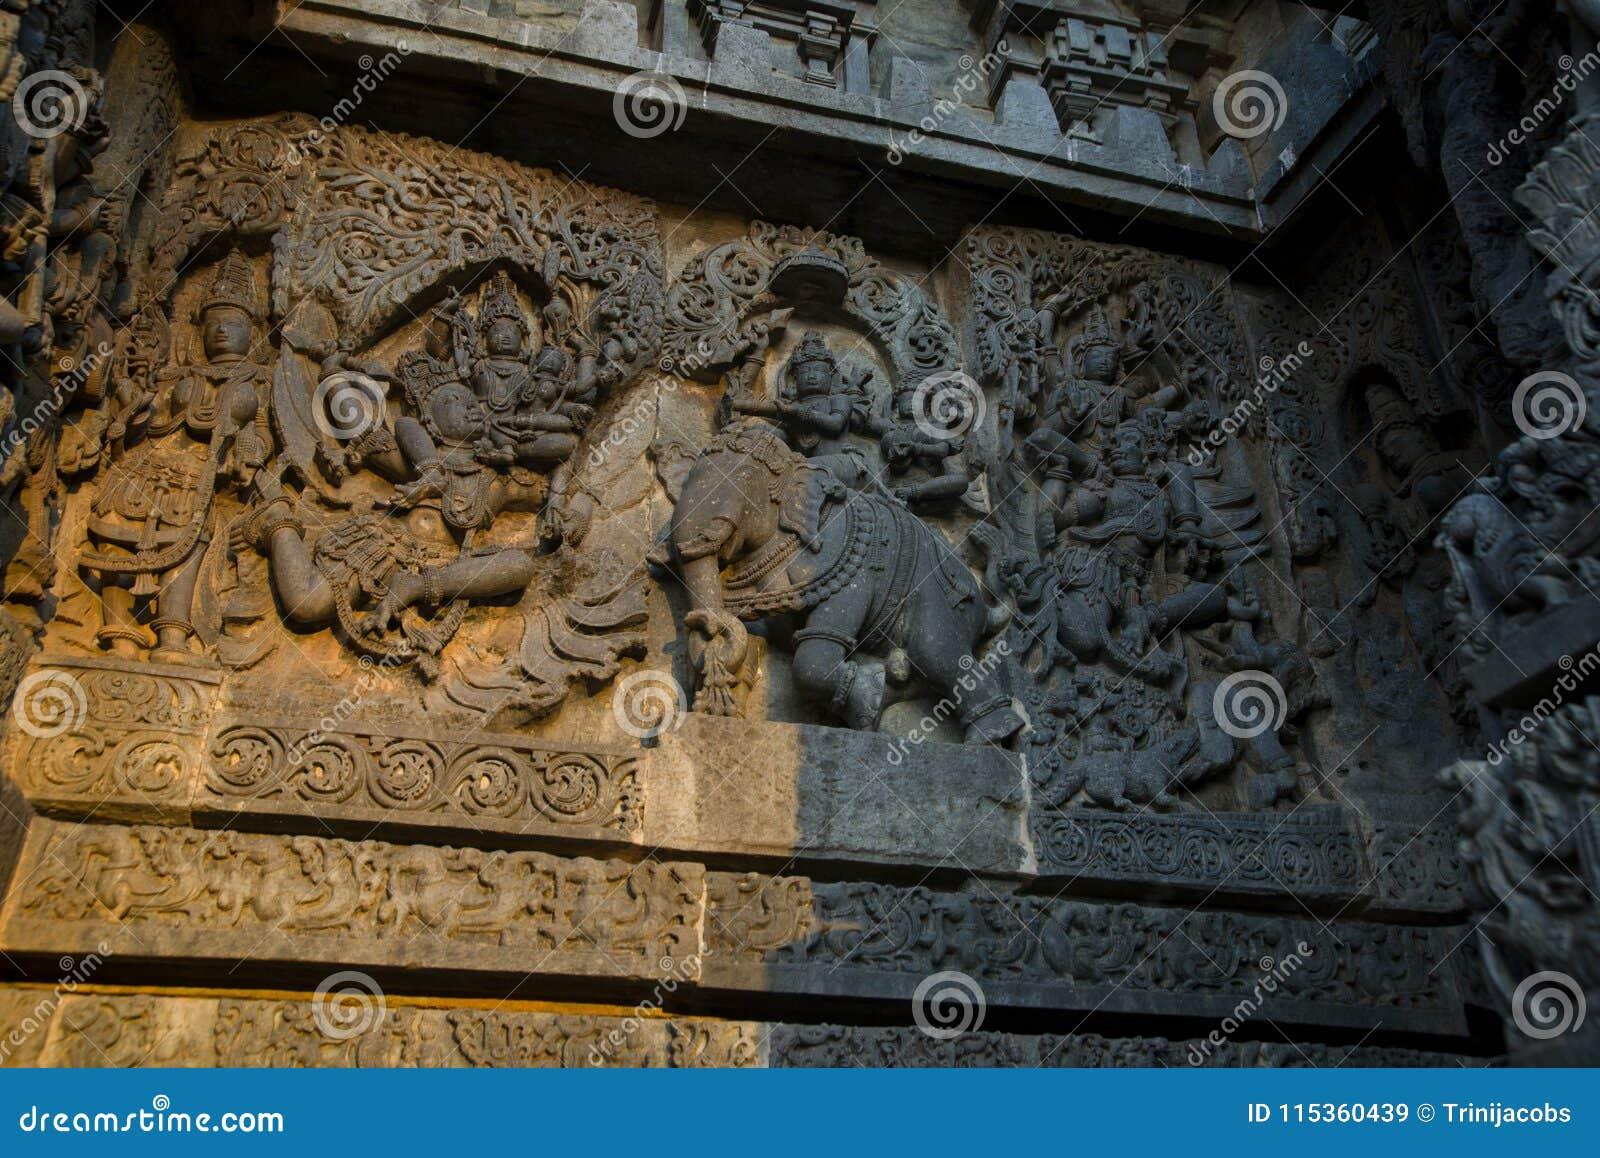 Pareti Esterne Illuminate : Sculture e fregi sulle pareti esterne del tempio di hoysaleswara a